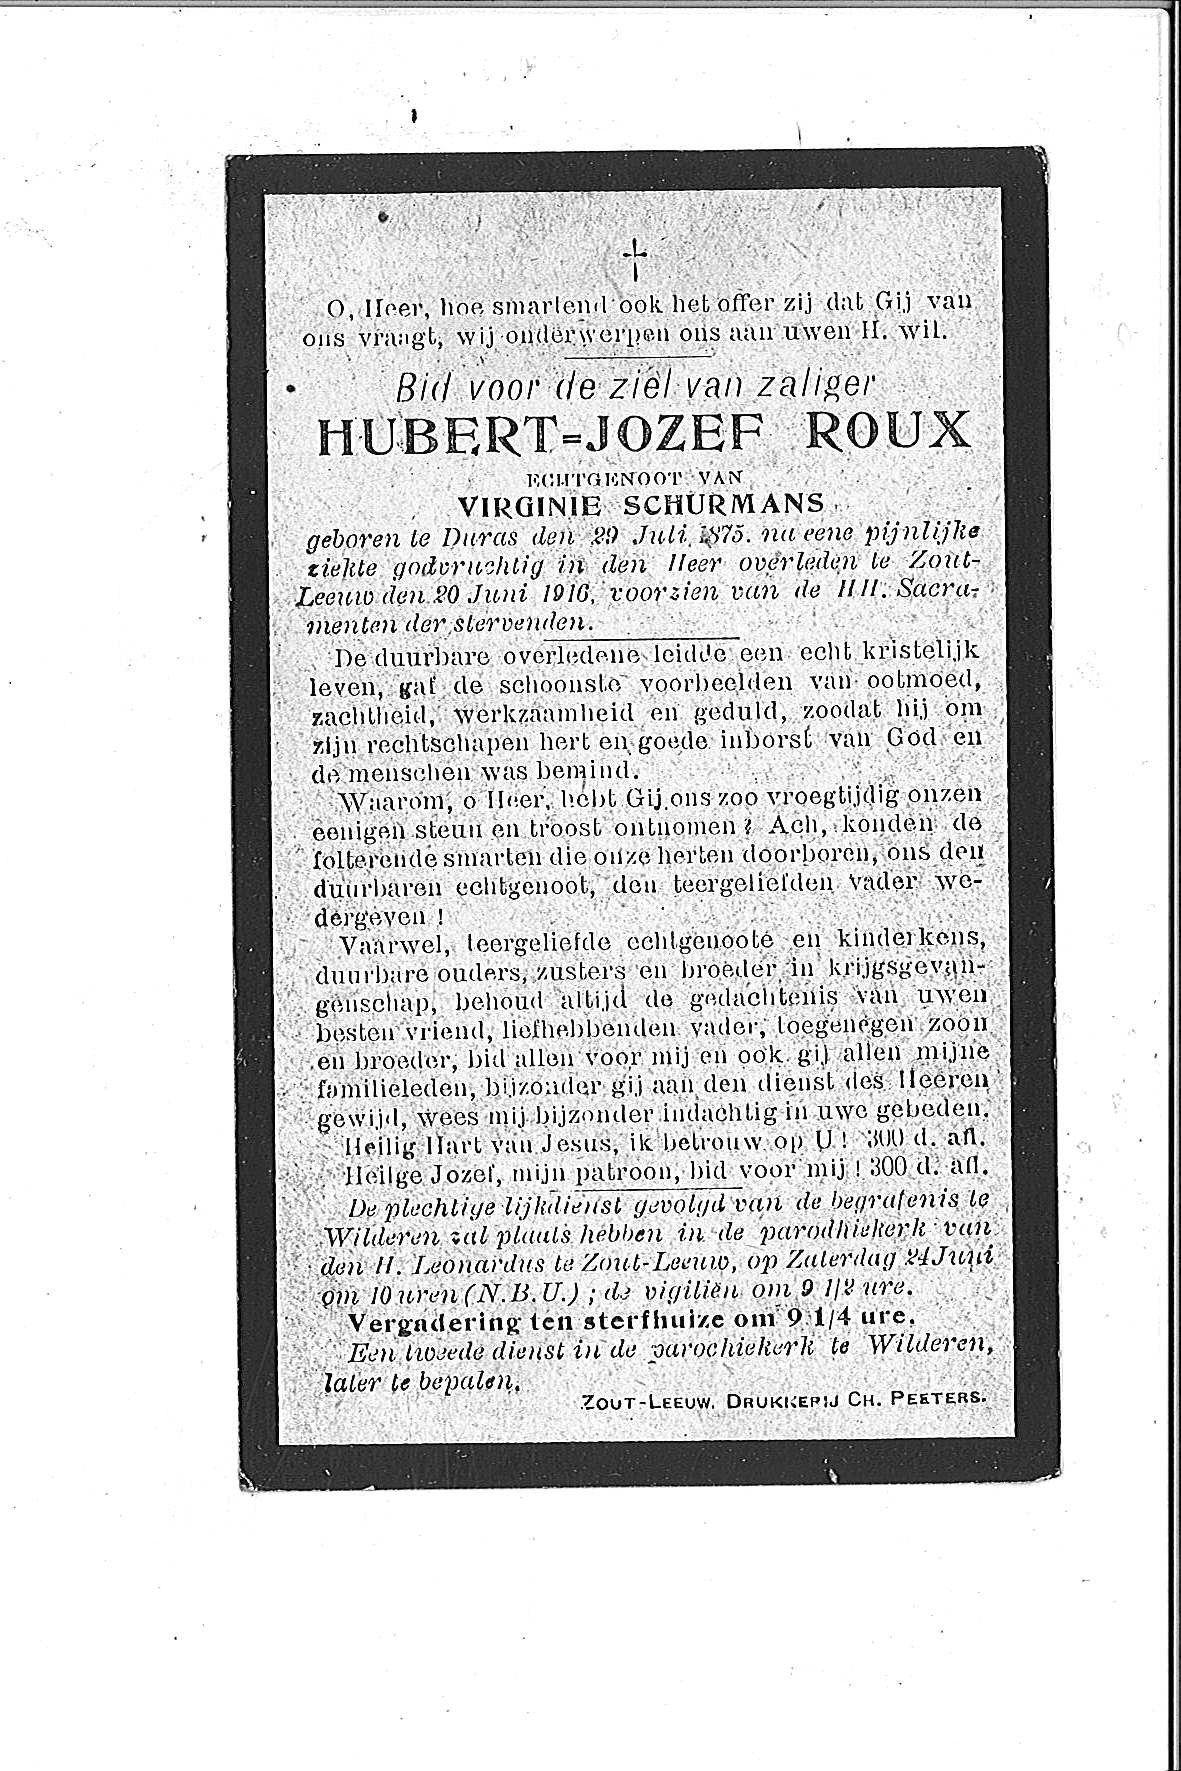 Hubert-Jozef(1916)20150106152215_00061.jpg